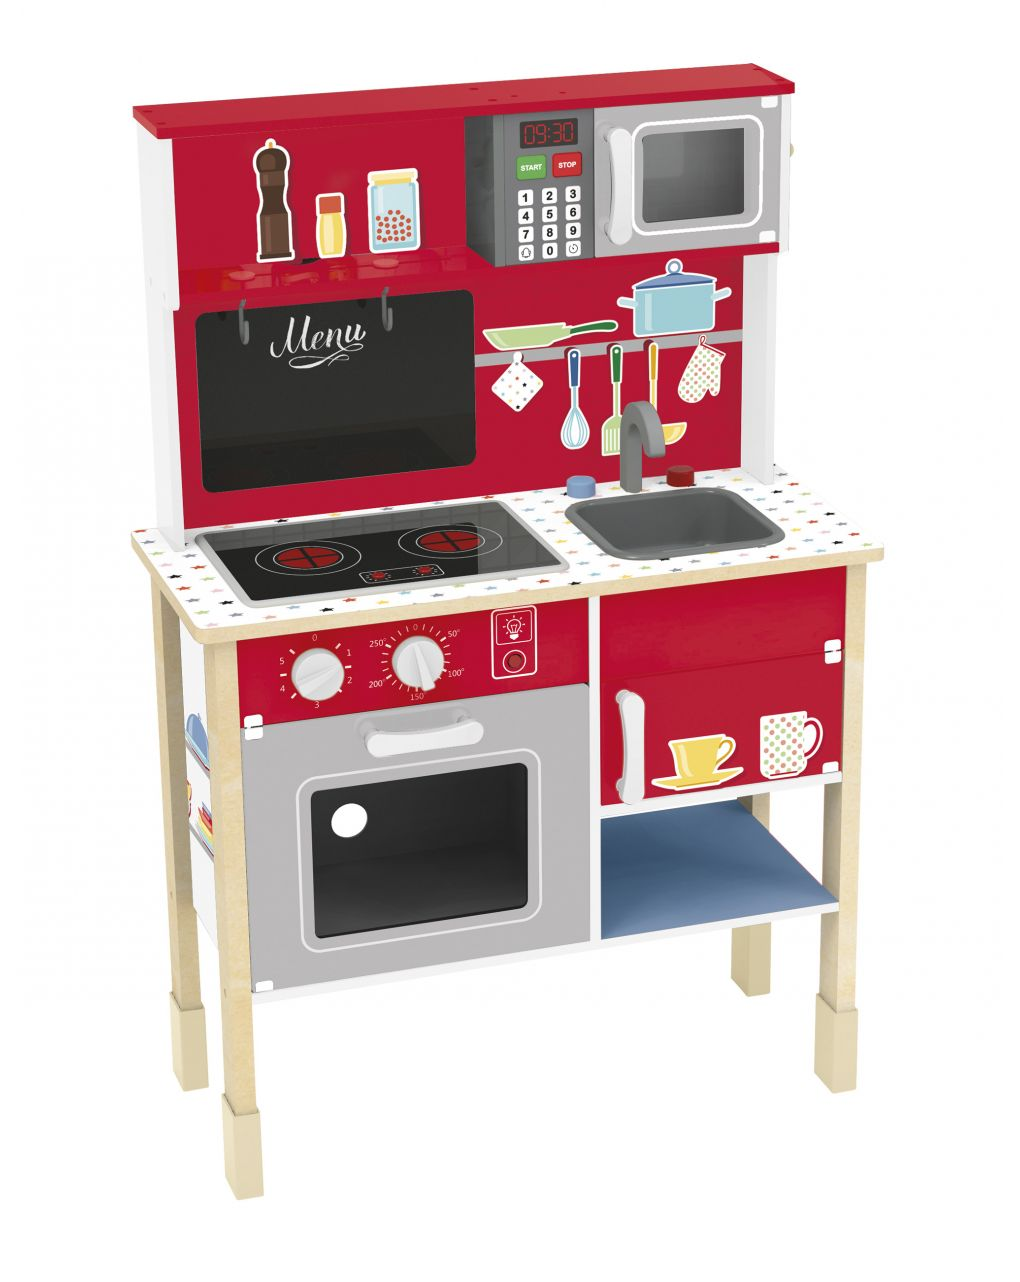 Wood'n play -cucina home cooking - Wood'N'Play